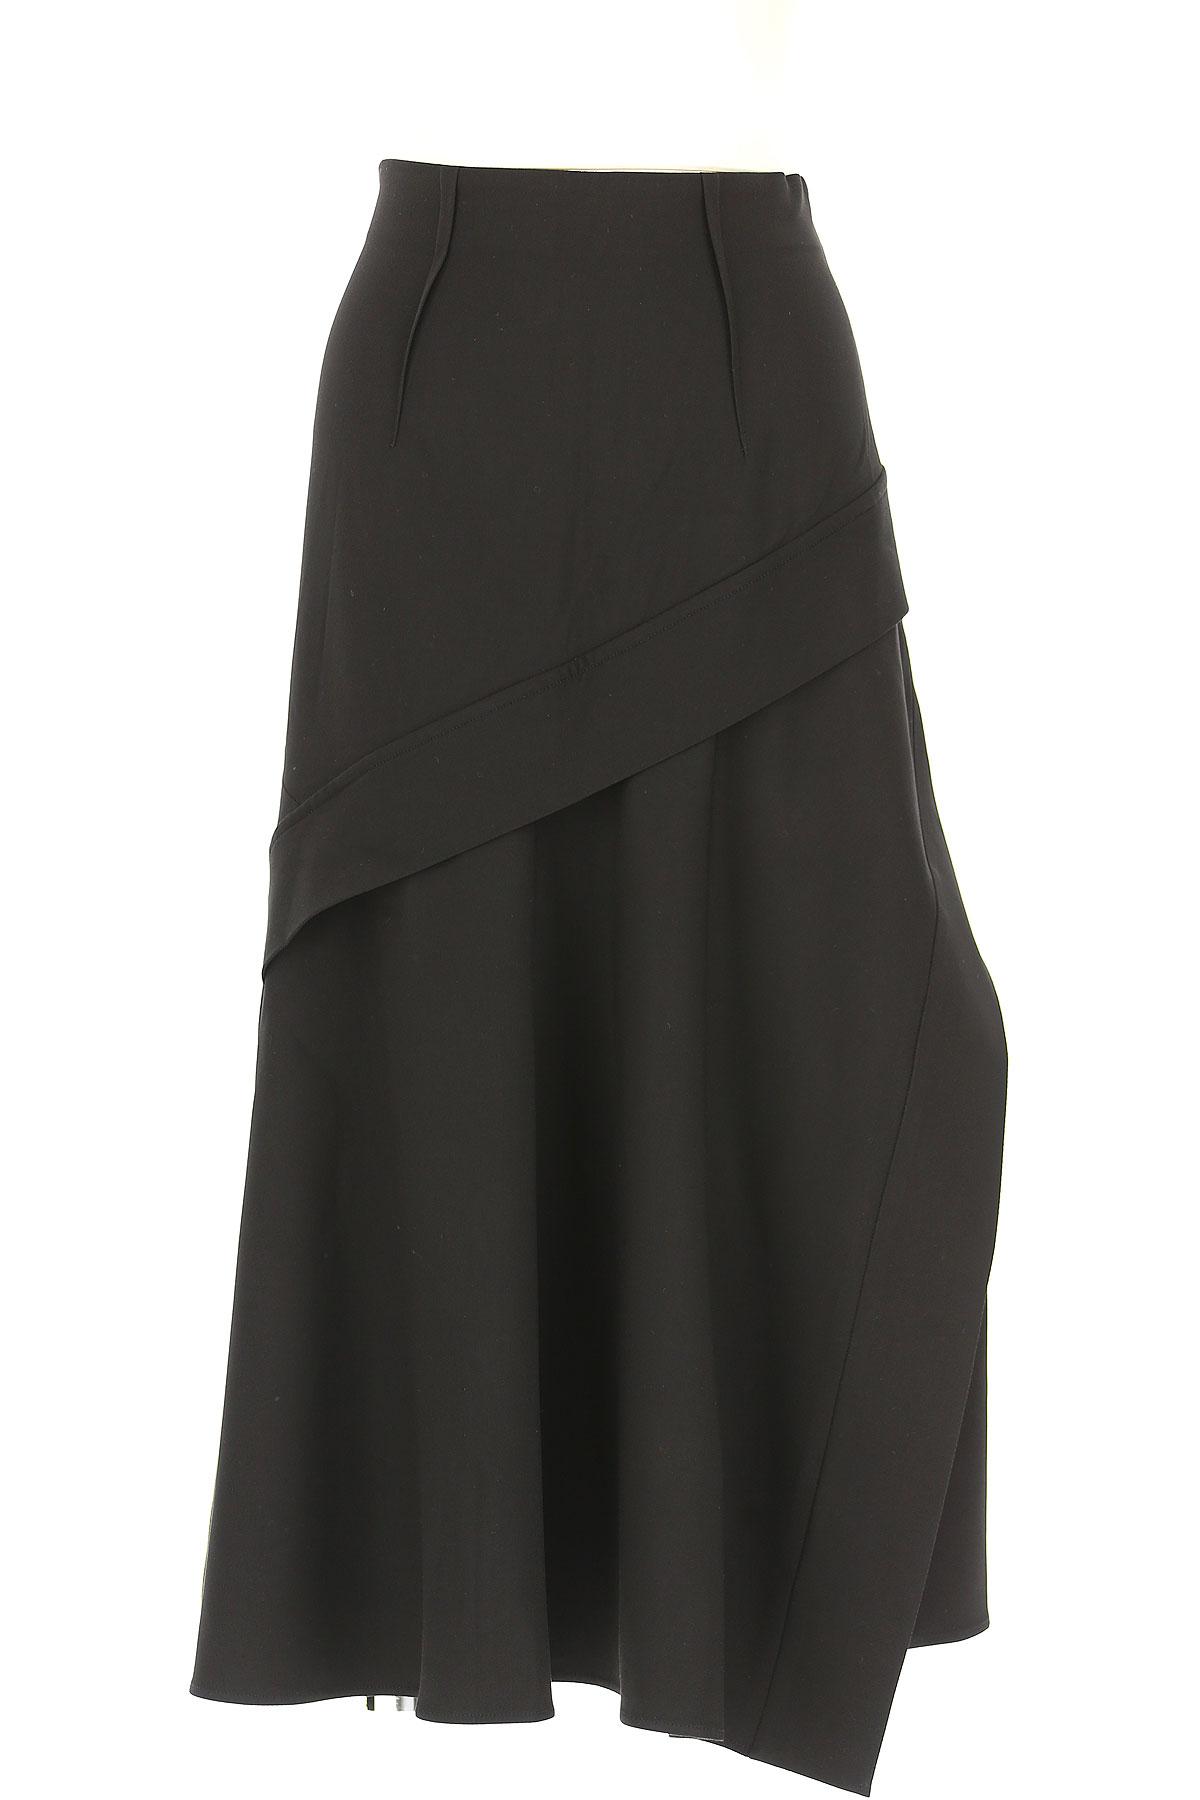 Image of SportMax Skirt for Women, Black, viscosa, 2017, 26 28